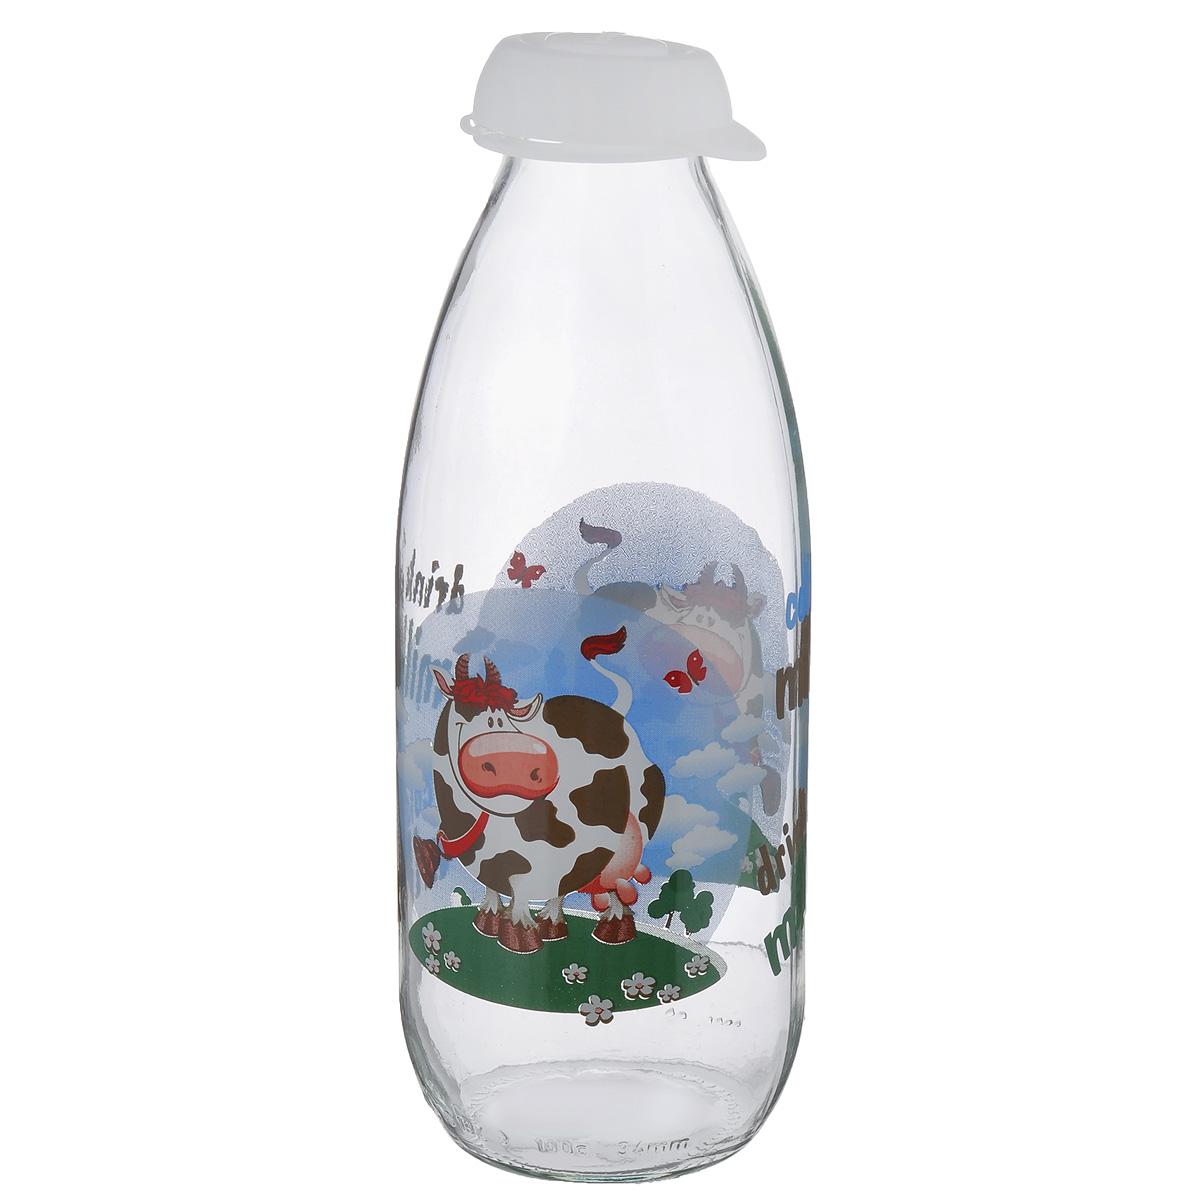 Бутылка для молока Herevin, цвет: прозрачный, белый, 1 л. 111708-000111708-000Бутылка Herevin, выполненная из стекла, позволит украсить любую кухню, внеся разнообразие, как в строгий классический стиль, так и в современный кухонный интерьер. Она легка в использовании и оснащена пластиковой откидной крышкой. Благодаря этому внутри сохраняется герметичность, и молоко дольше остается свежим. Стенки бутылки украшены изображением забавной коровы. Оригинальная бутылка для молока будет отлично смотреться на вашей кухне.Диаметр (по верхнему краю): 4 см.Диаметр основания: 7 см.Высота: 23 см.